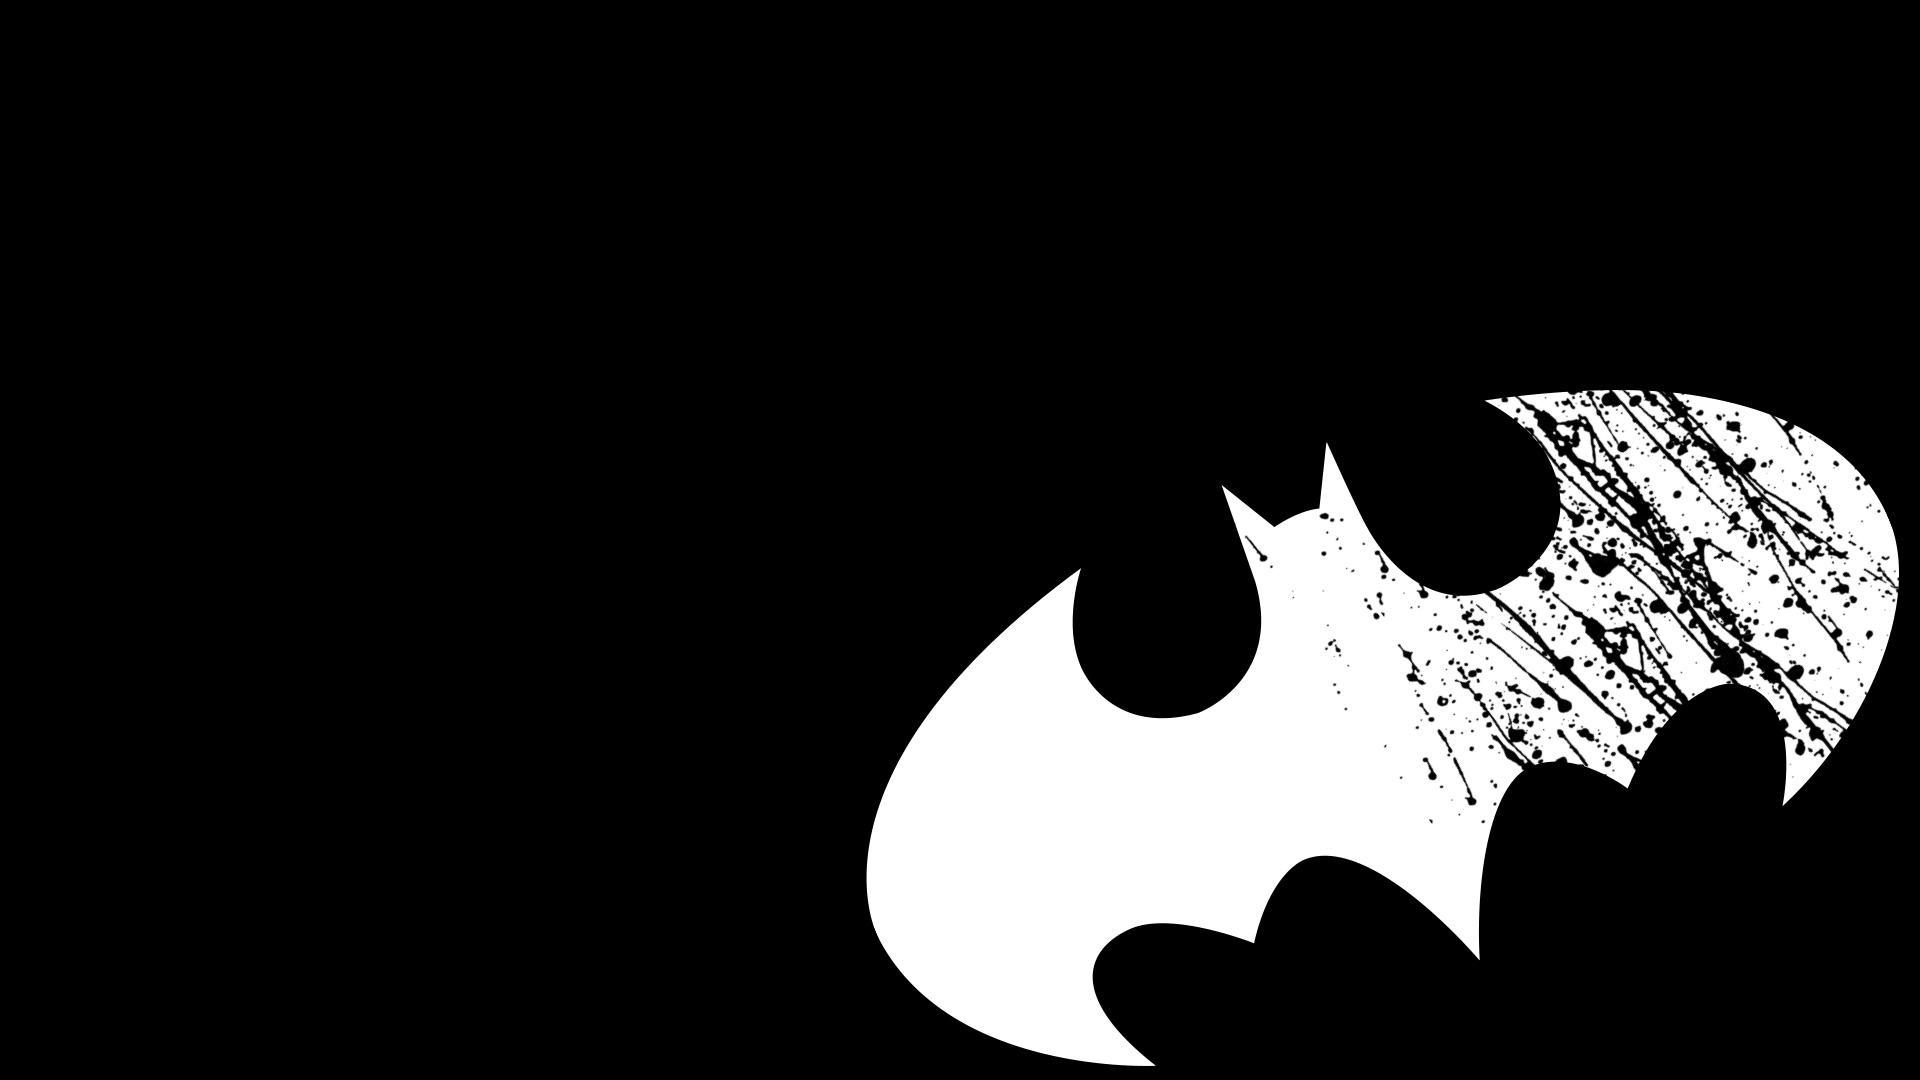 4. batman symbol wallpaper HD4